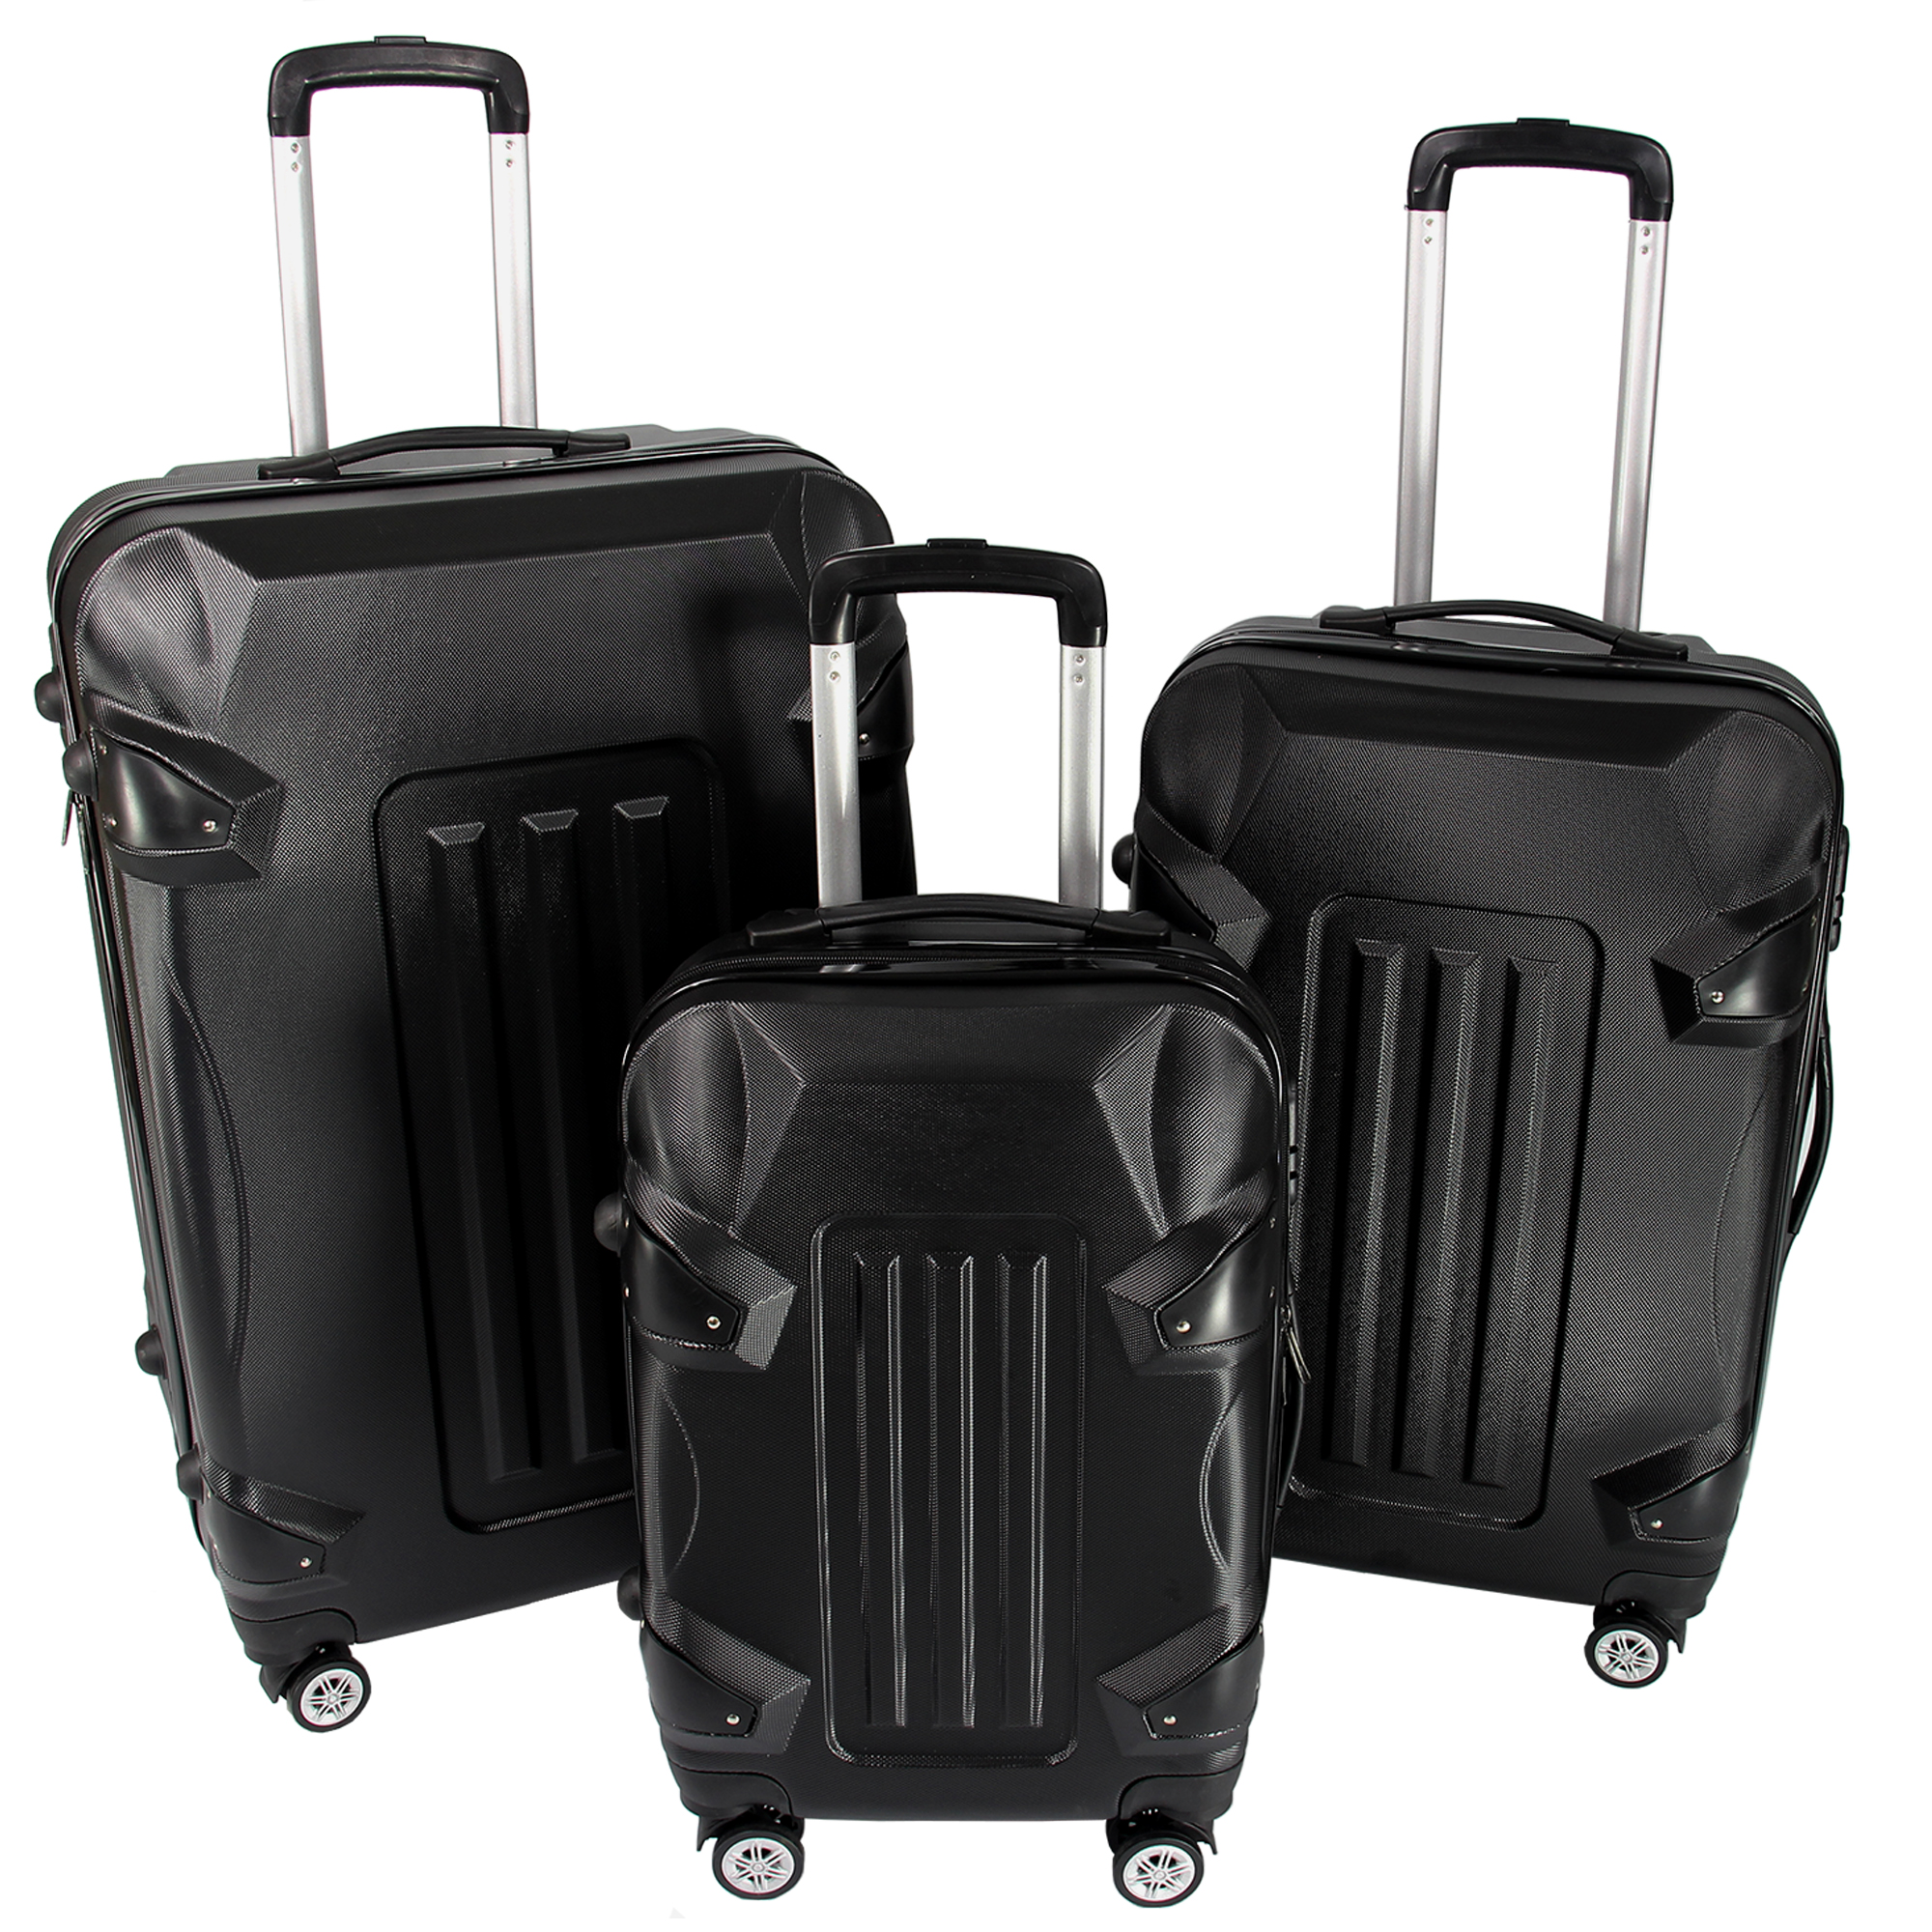 koffer set reisekoffer trolley hartschalenkoffer hartschale 1er 2er 3er carbon ebay. Black Bedroom Furniture Sets. Home Design Ideas